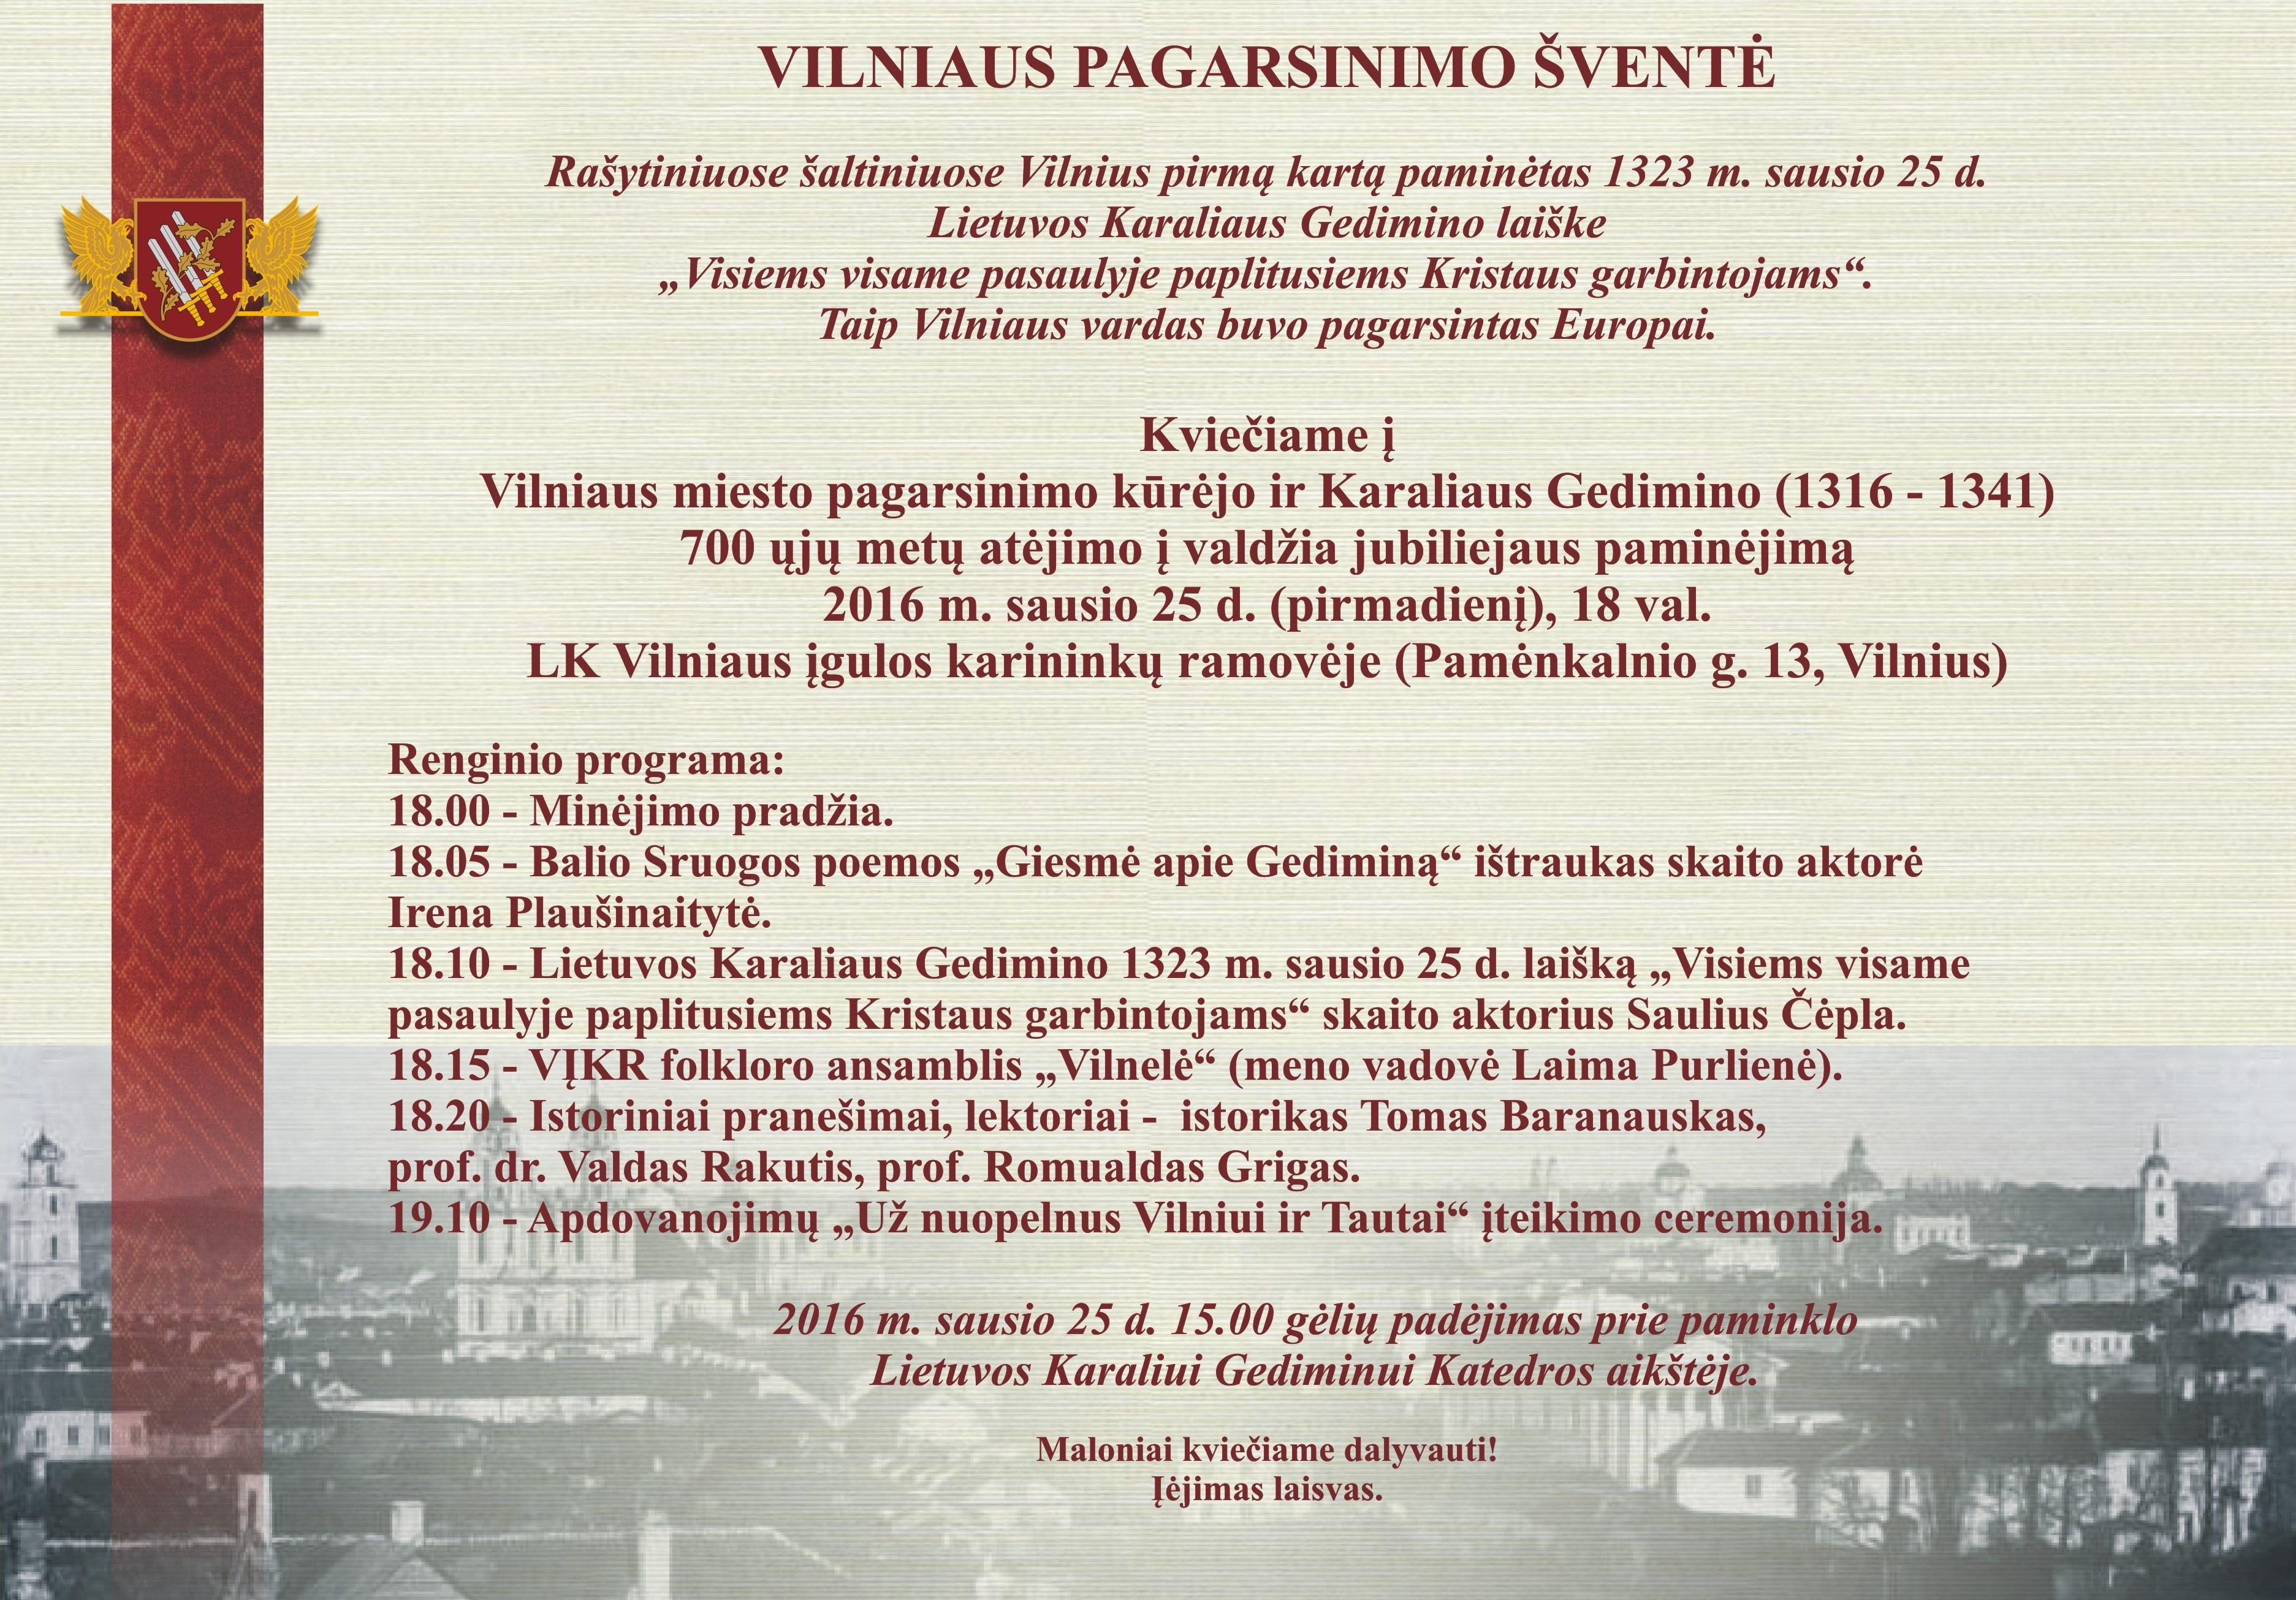 Vilniaus pagarsinimo šventės programa